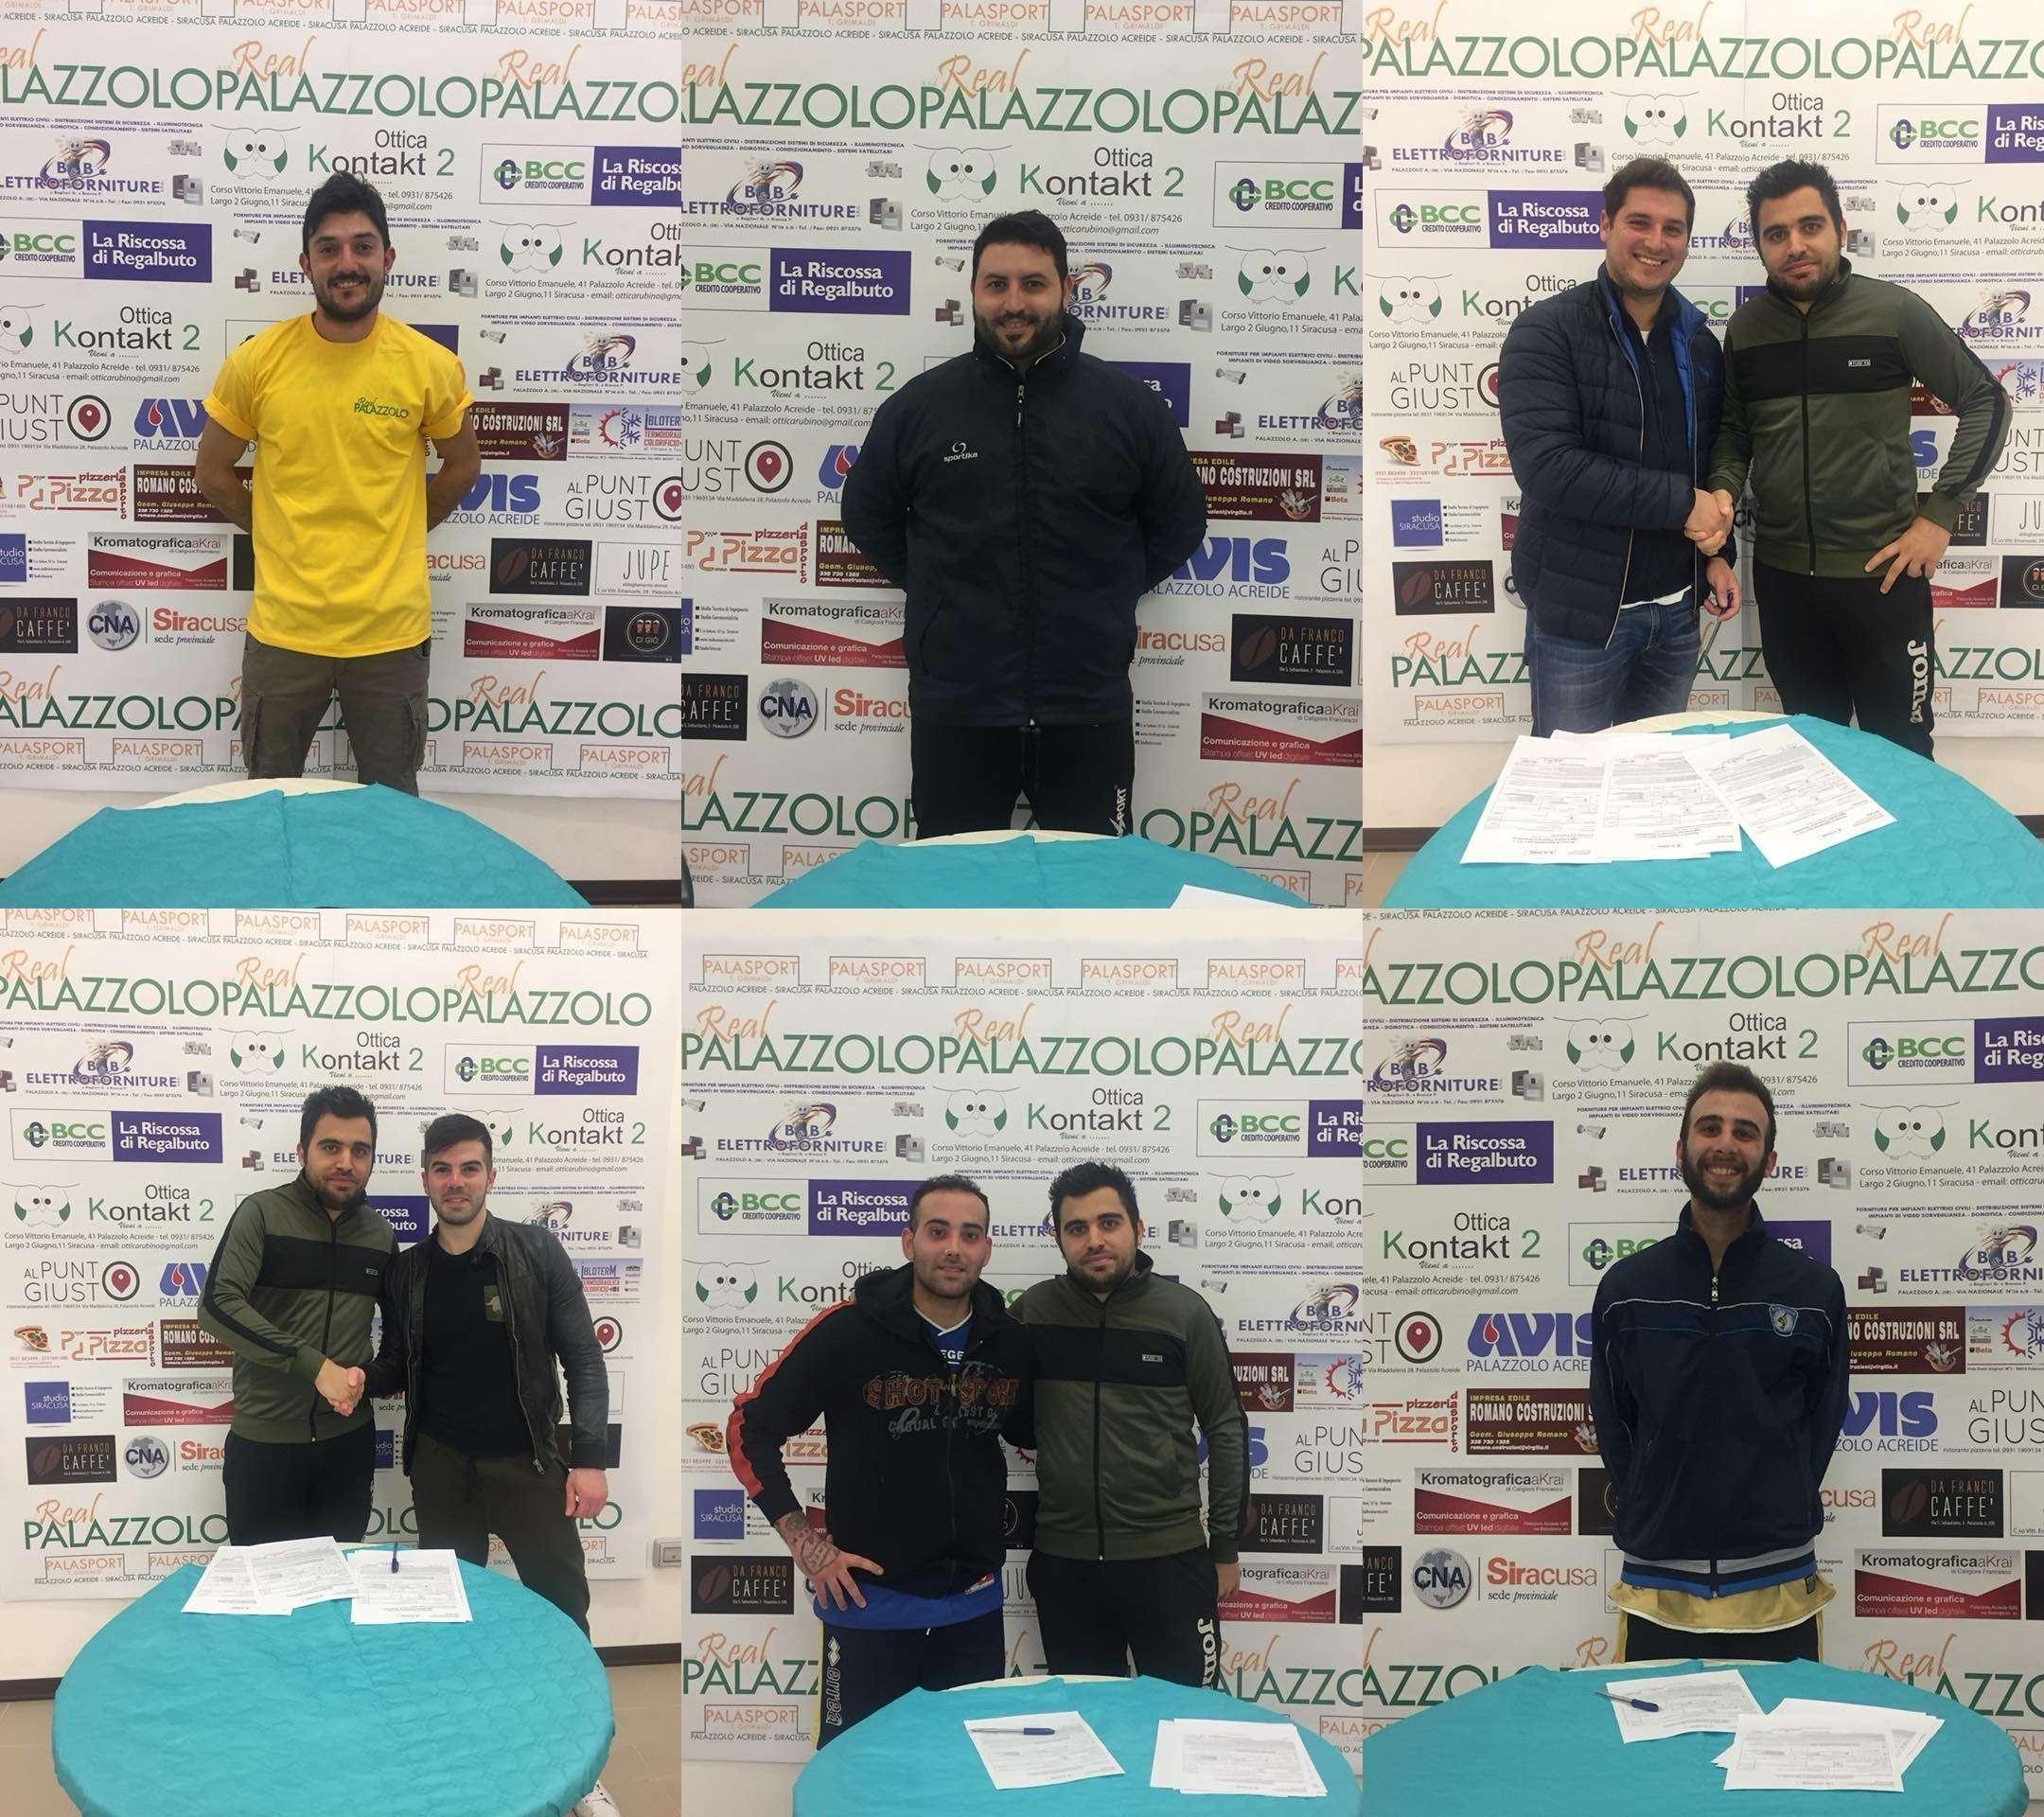 Calcio a 5, tutto pronto per il debutto del Real Palazzolo contro la Jano Trombatore